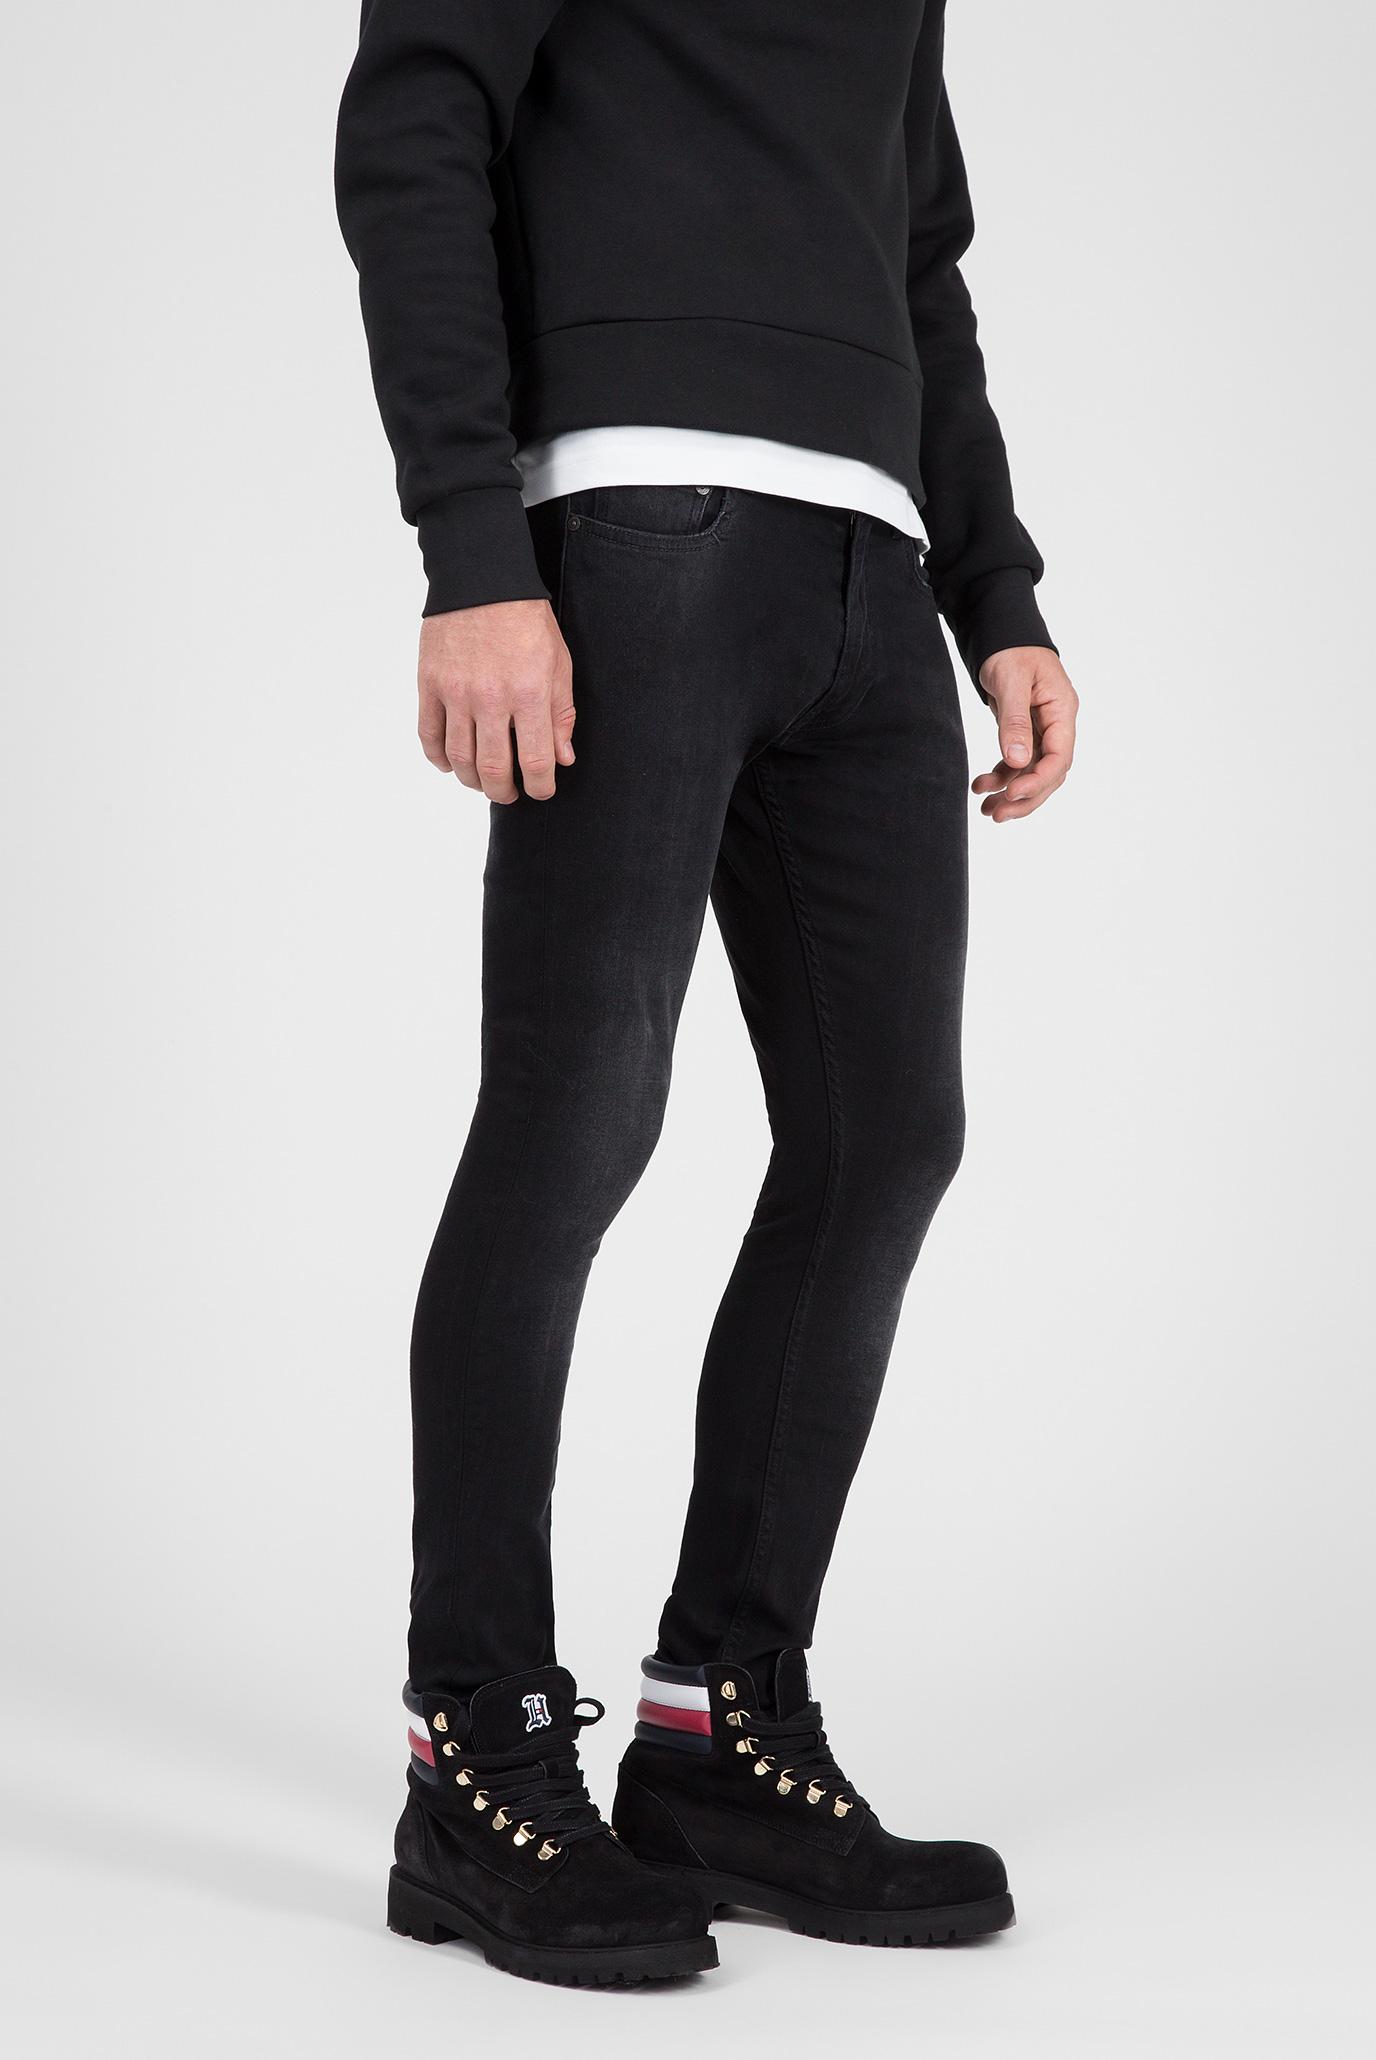 Купить Мужские черные джинсы LEWIS HAMILTON BLACK STONE Tommy Hilfiger Tommy Hilfiger MW0MW08604 – Киев, Украина. Цены в интернет магазине MD Fashion